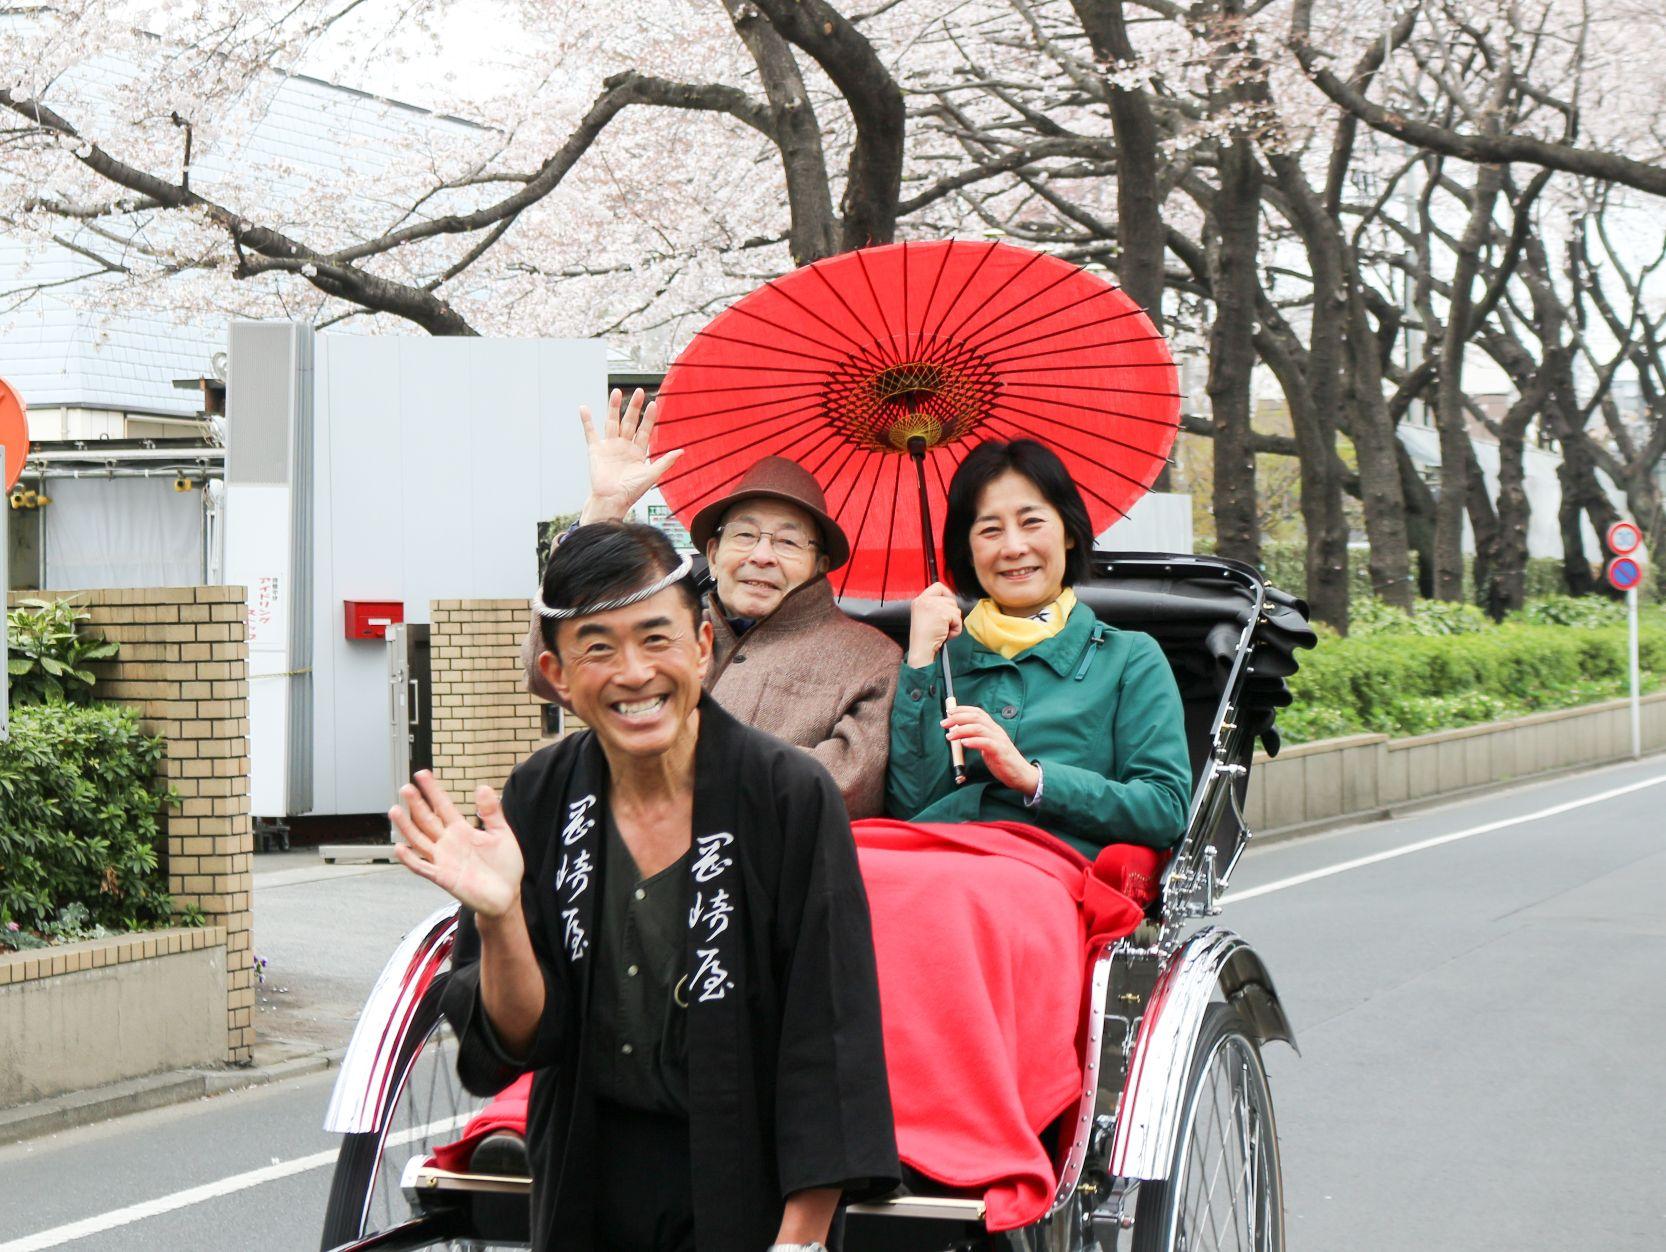 シルバーシティ武蔵野の観桜会